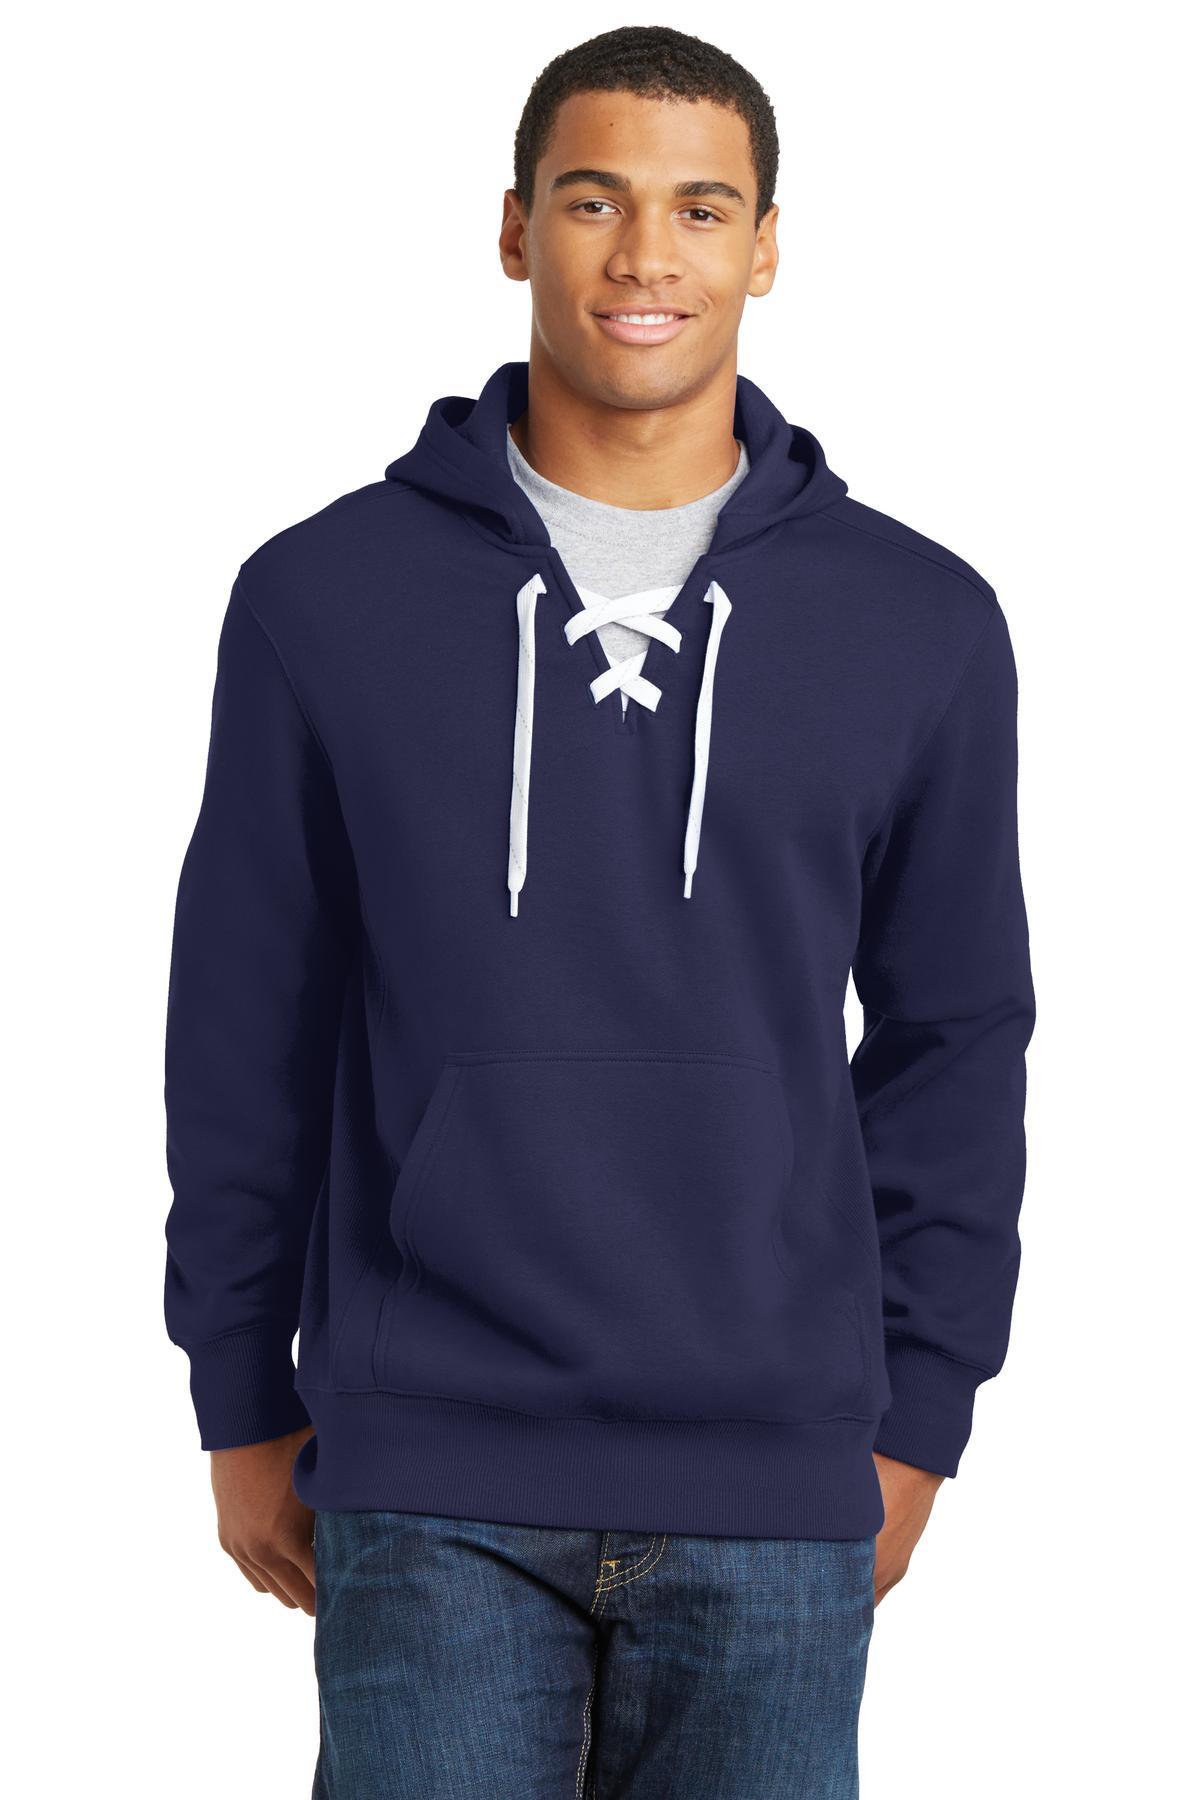 Sweatshirts-Fleece-Hooded-65